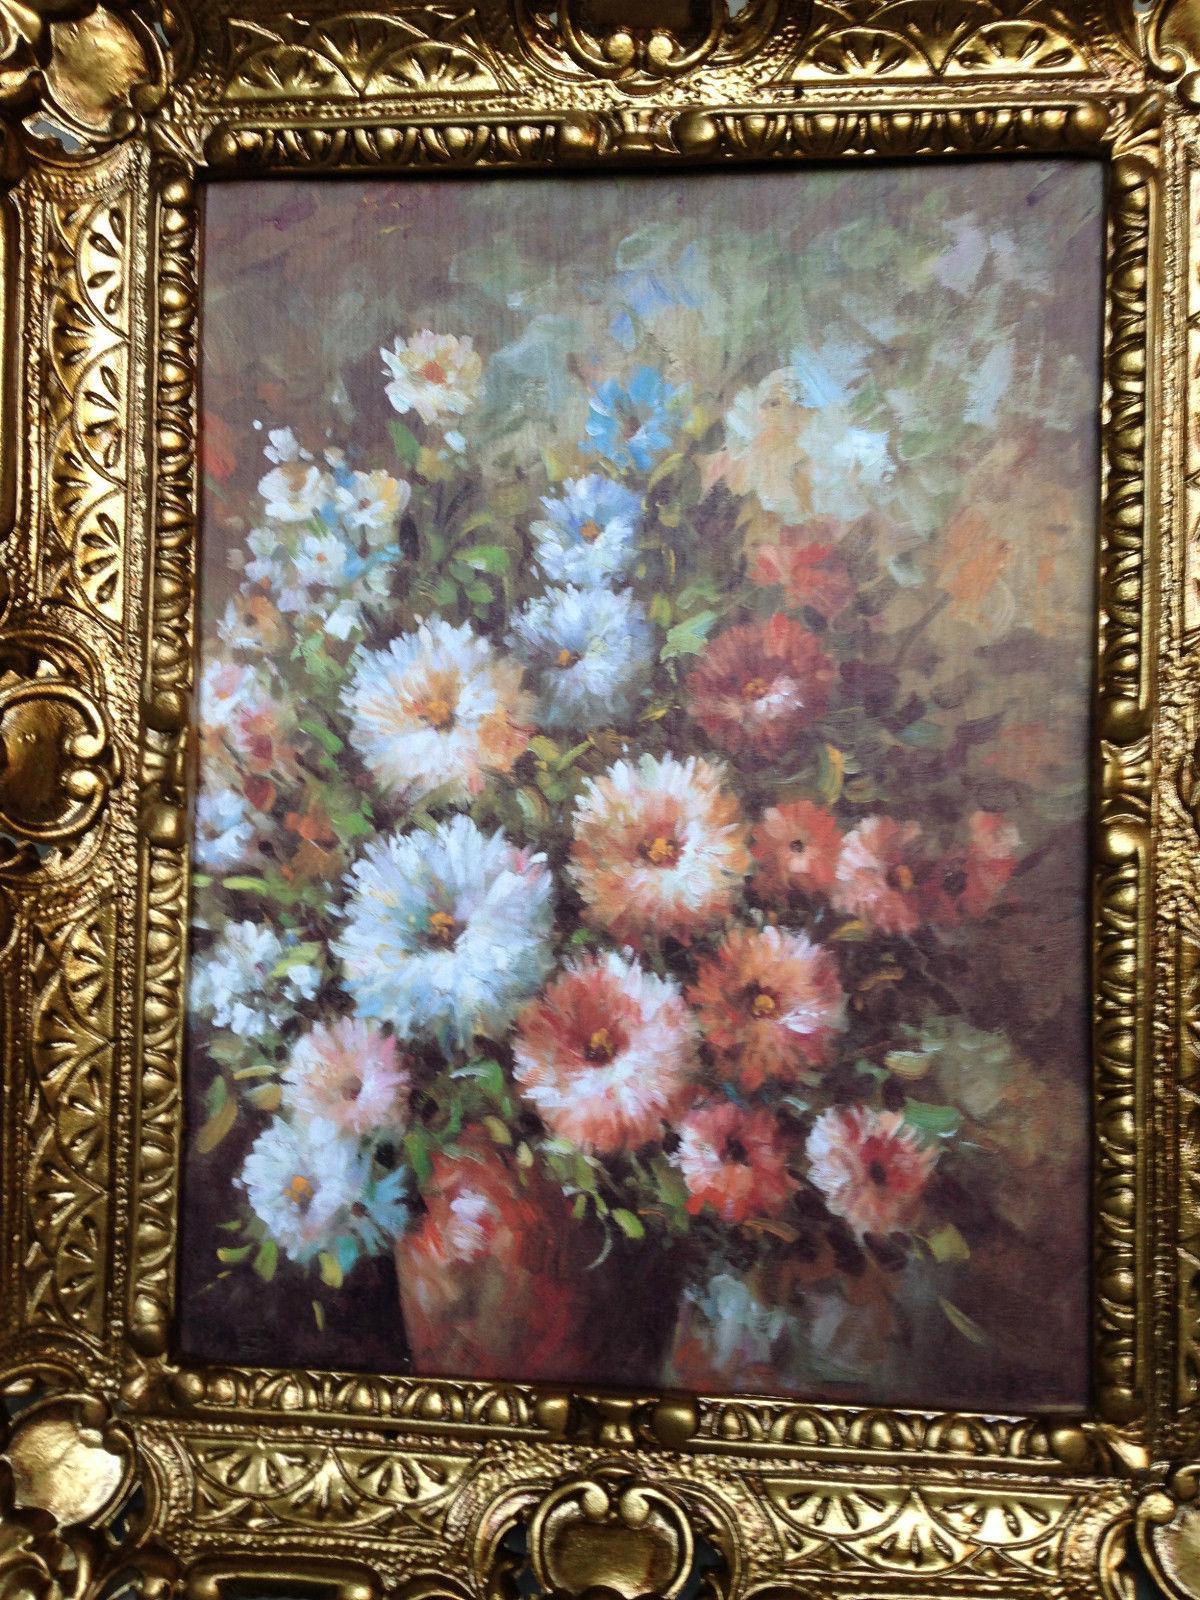 gem lde rosen mit braune vase wandbild 57x47 bild mit rahmen blumen bild 03 kaufen bei pintici. Black Bedroom Furniture Sets. Home Design Ideas